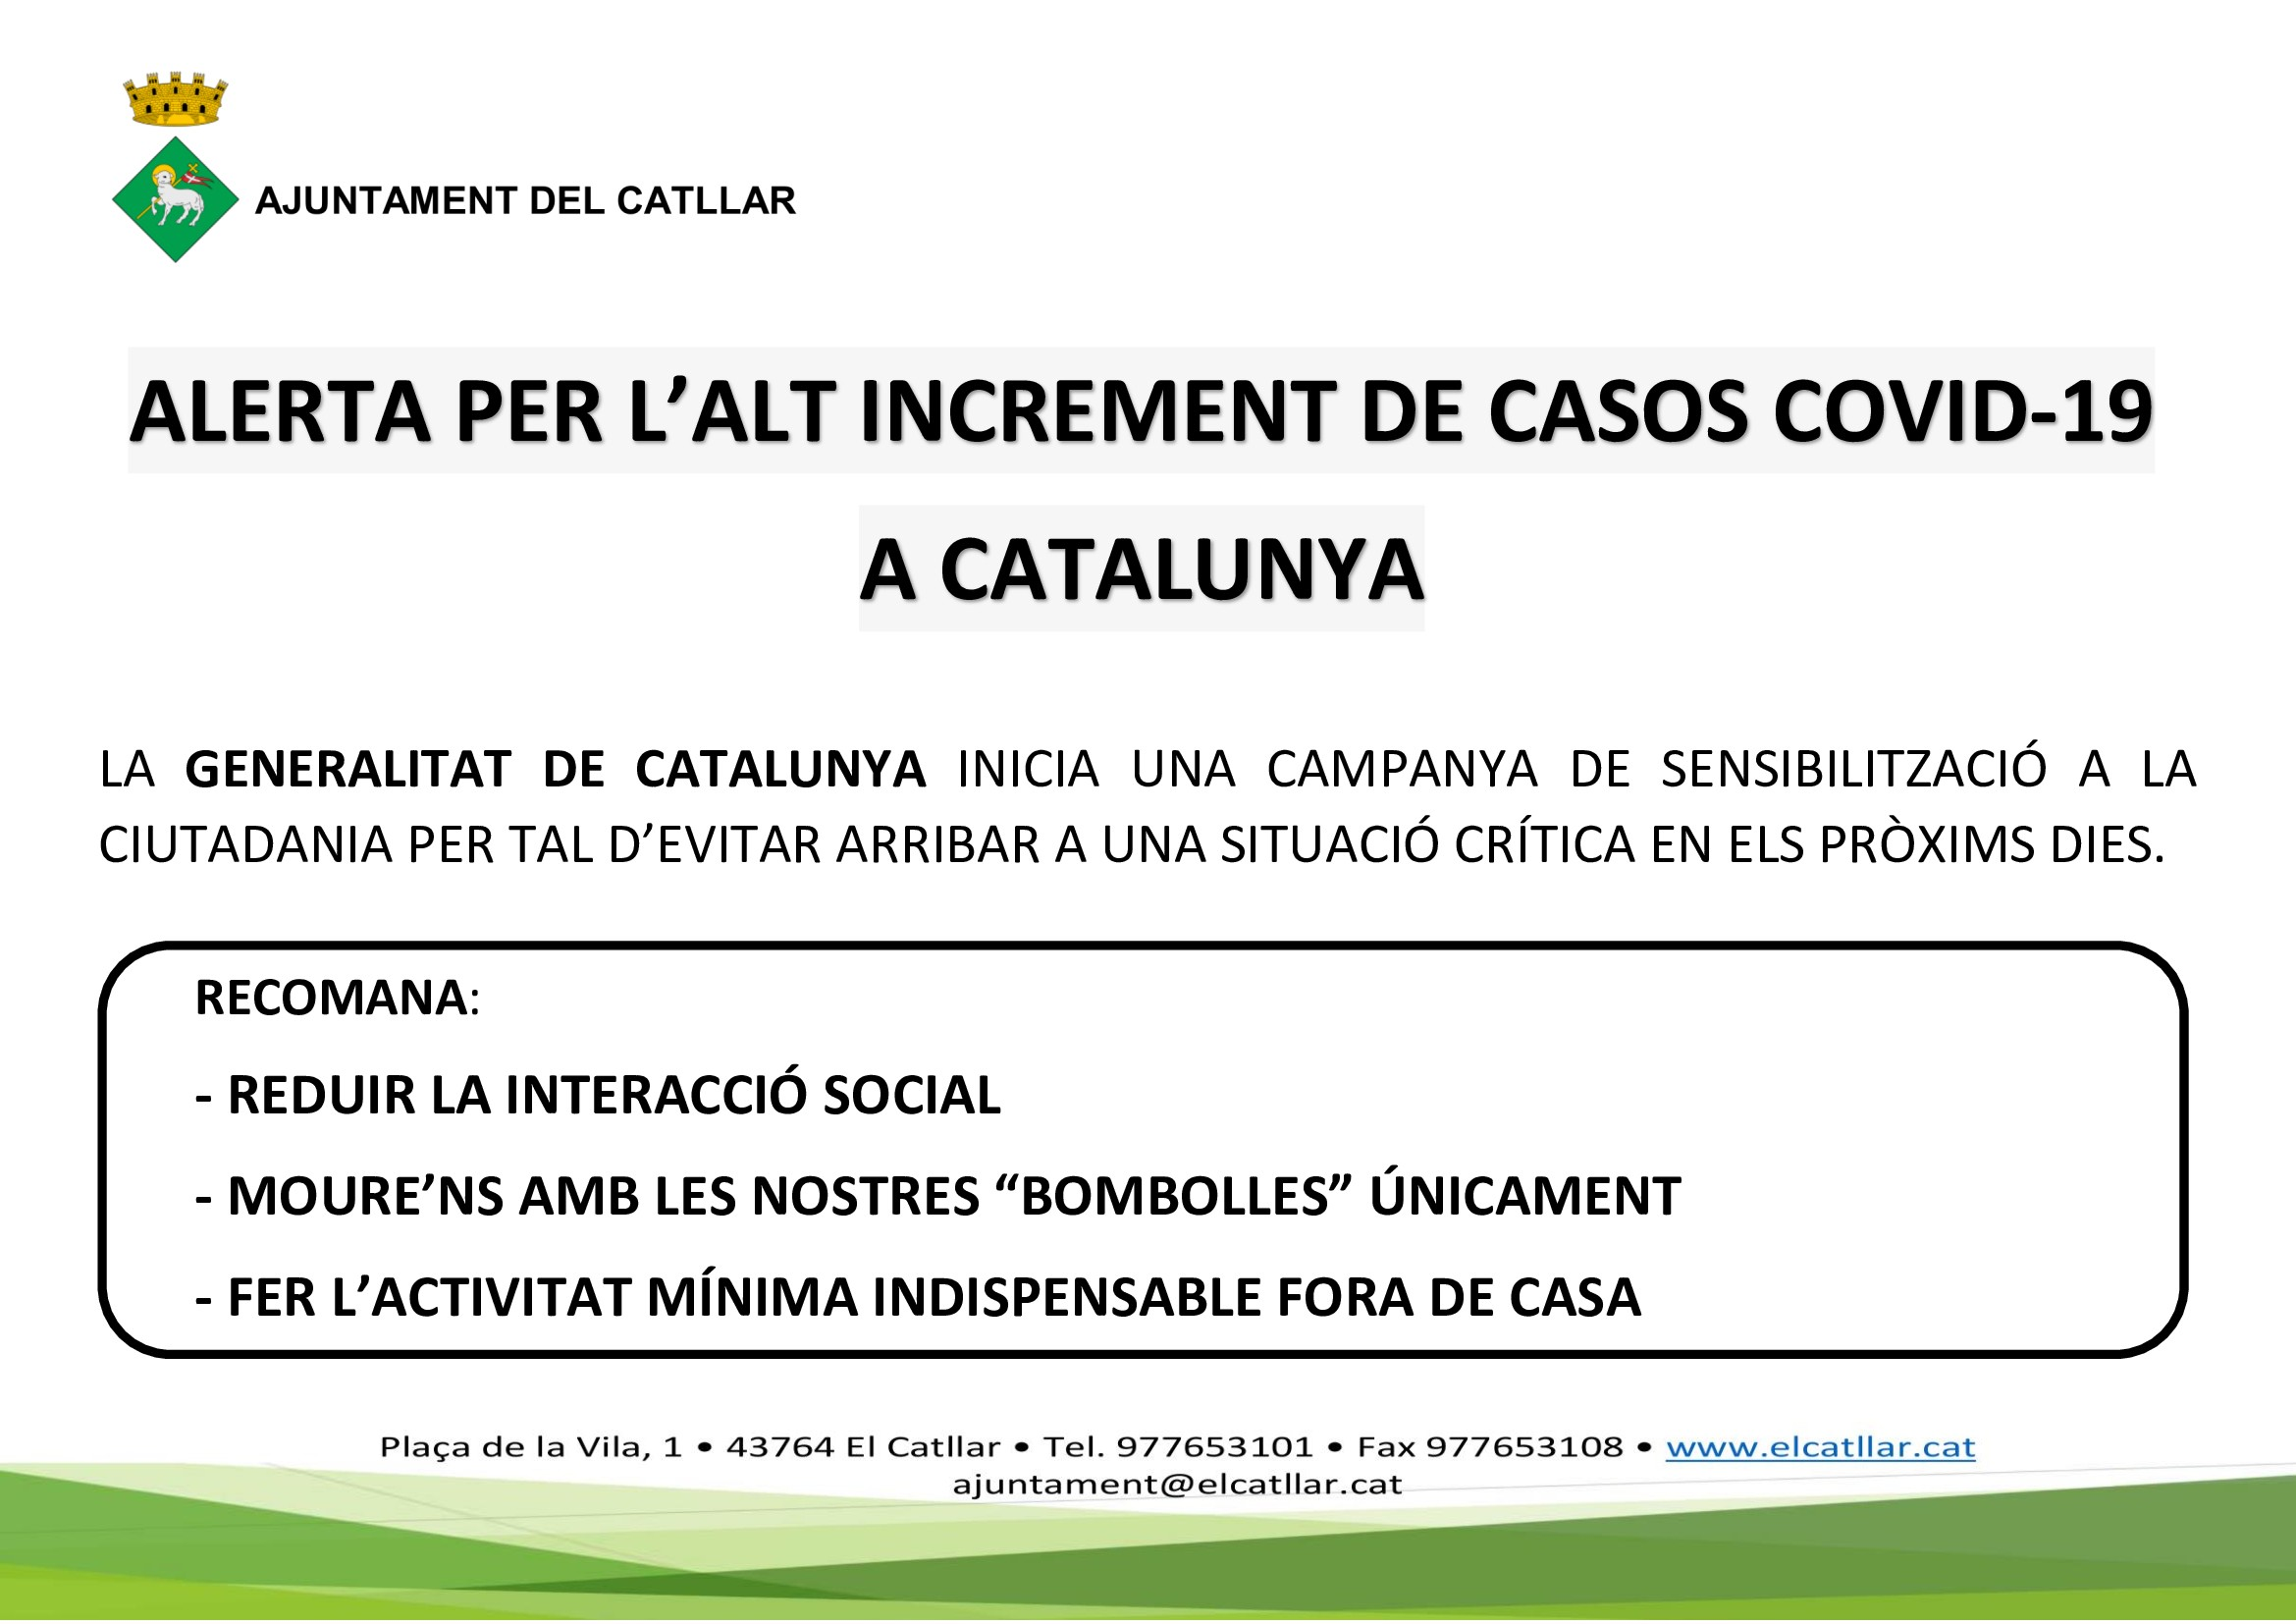 ALERTA PER L'ALT INCREMENT DE CASOS DE COVID-19 A CATALUNYA – GENERALITAT DE CATALUNYA